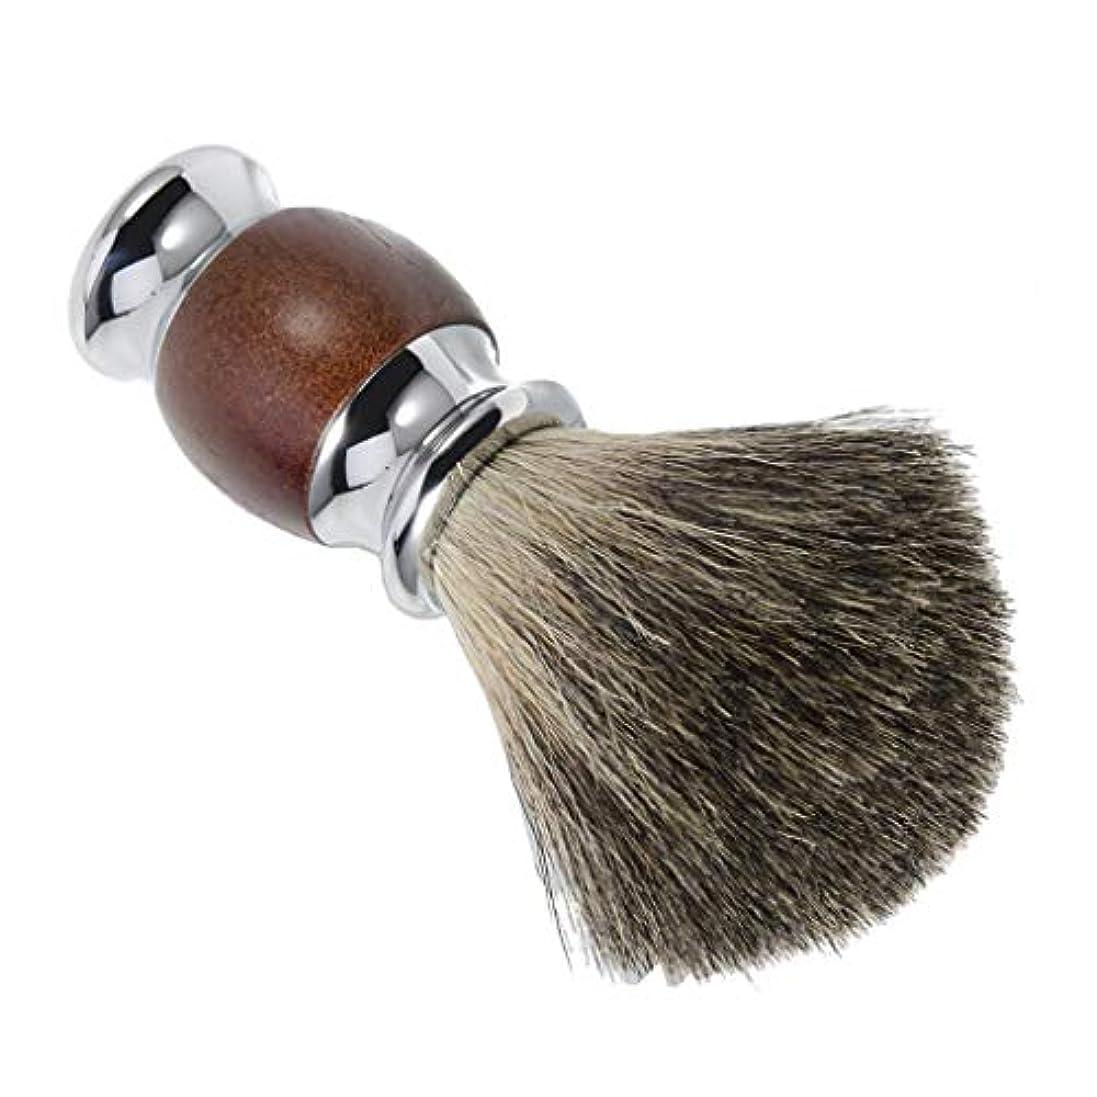 粘り強い測定技術シェービング用ブラシ 木製ハンドル メンズ 理容 洗顔 髭剃り 泡立ち 贈り物